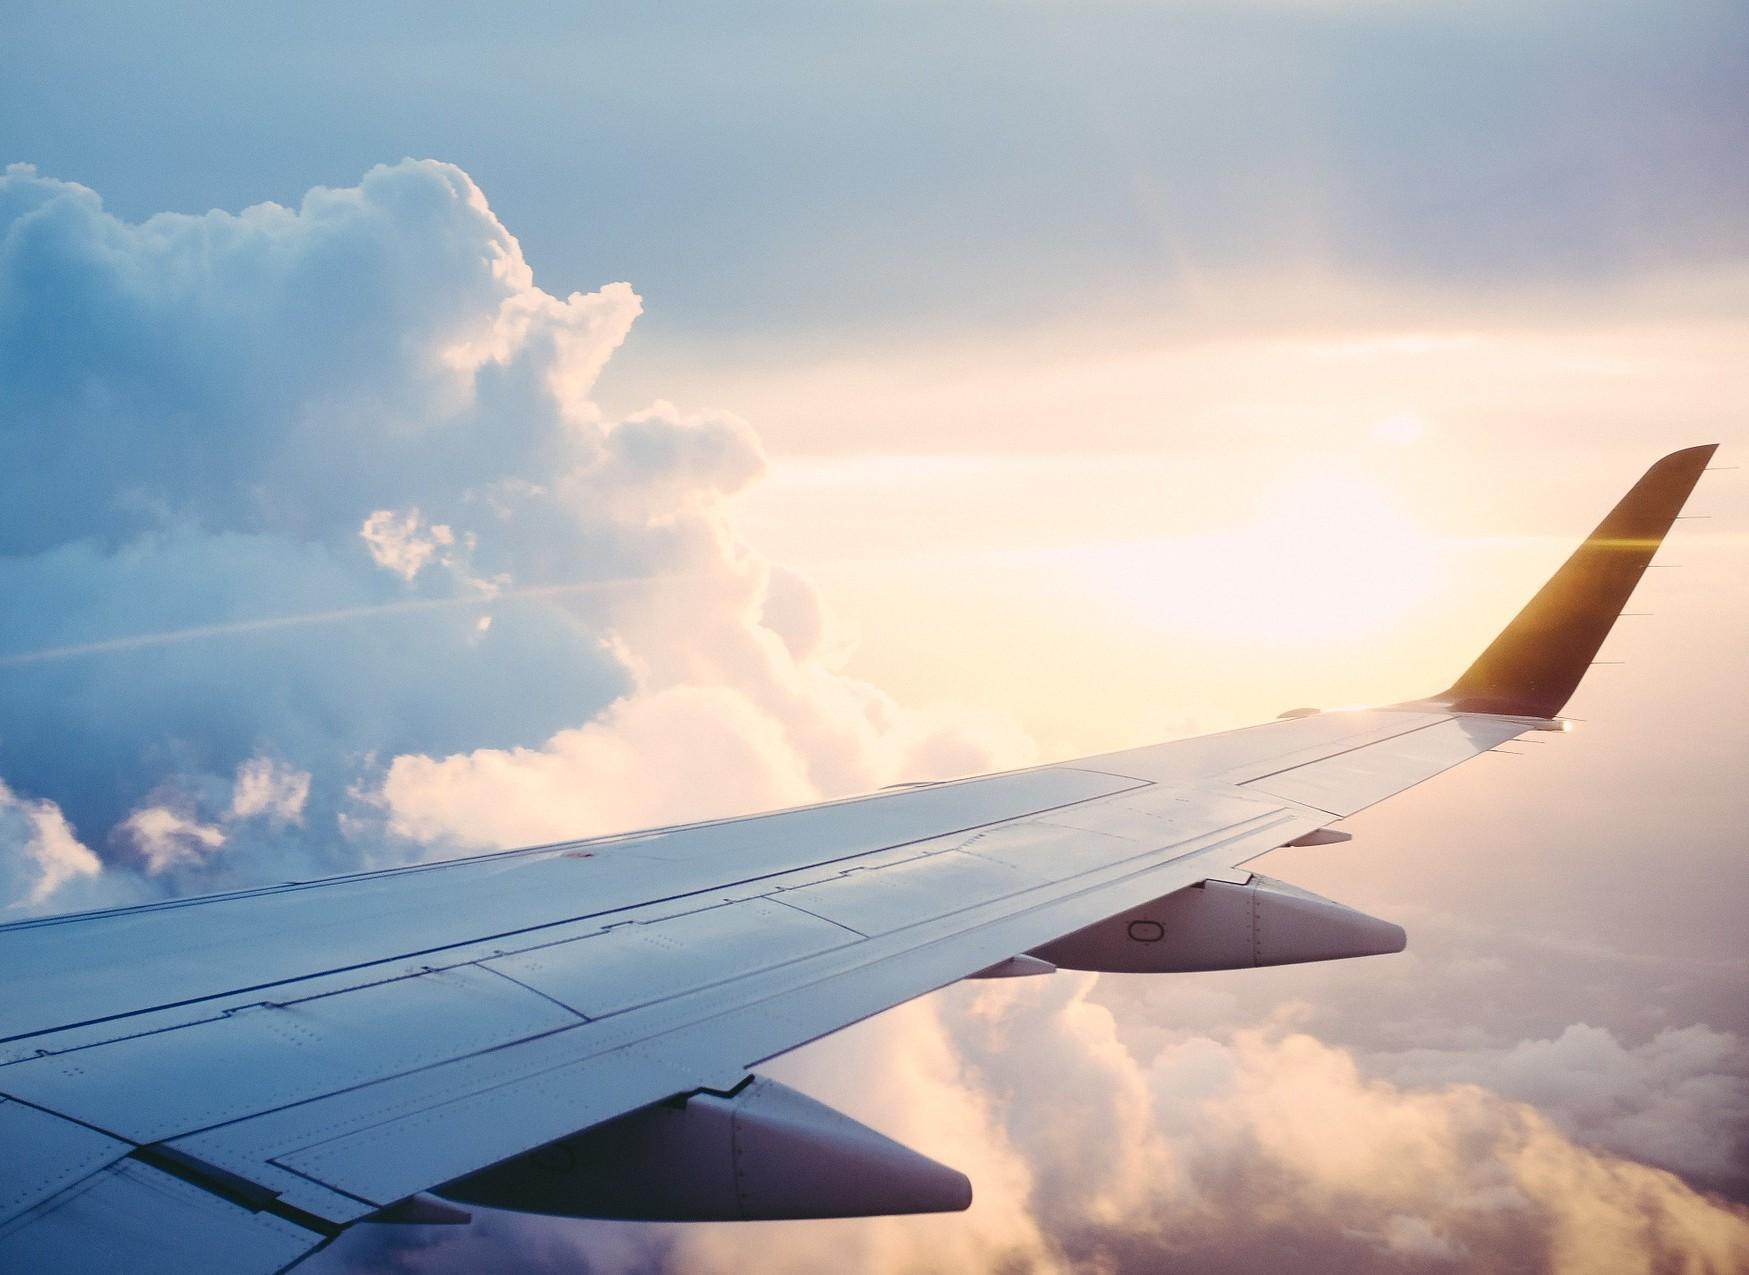 SMHS 2020 - Anreise mit dem Flugzeug